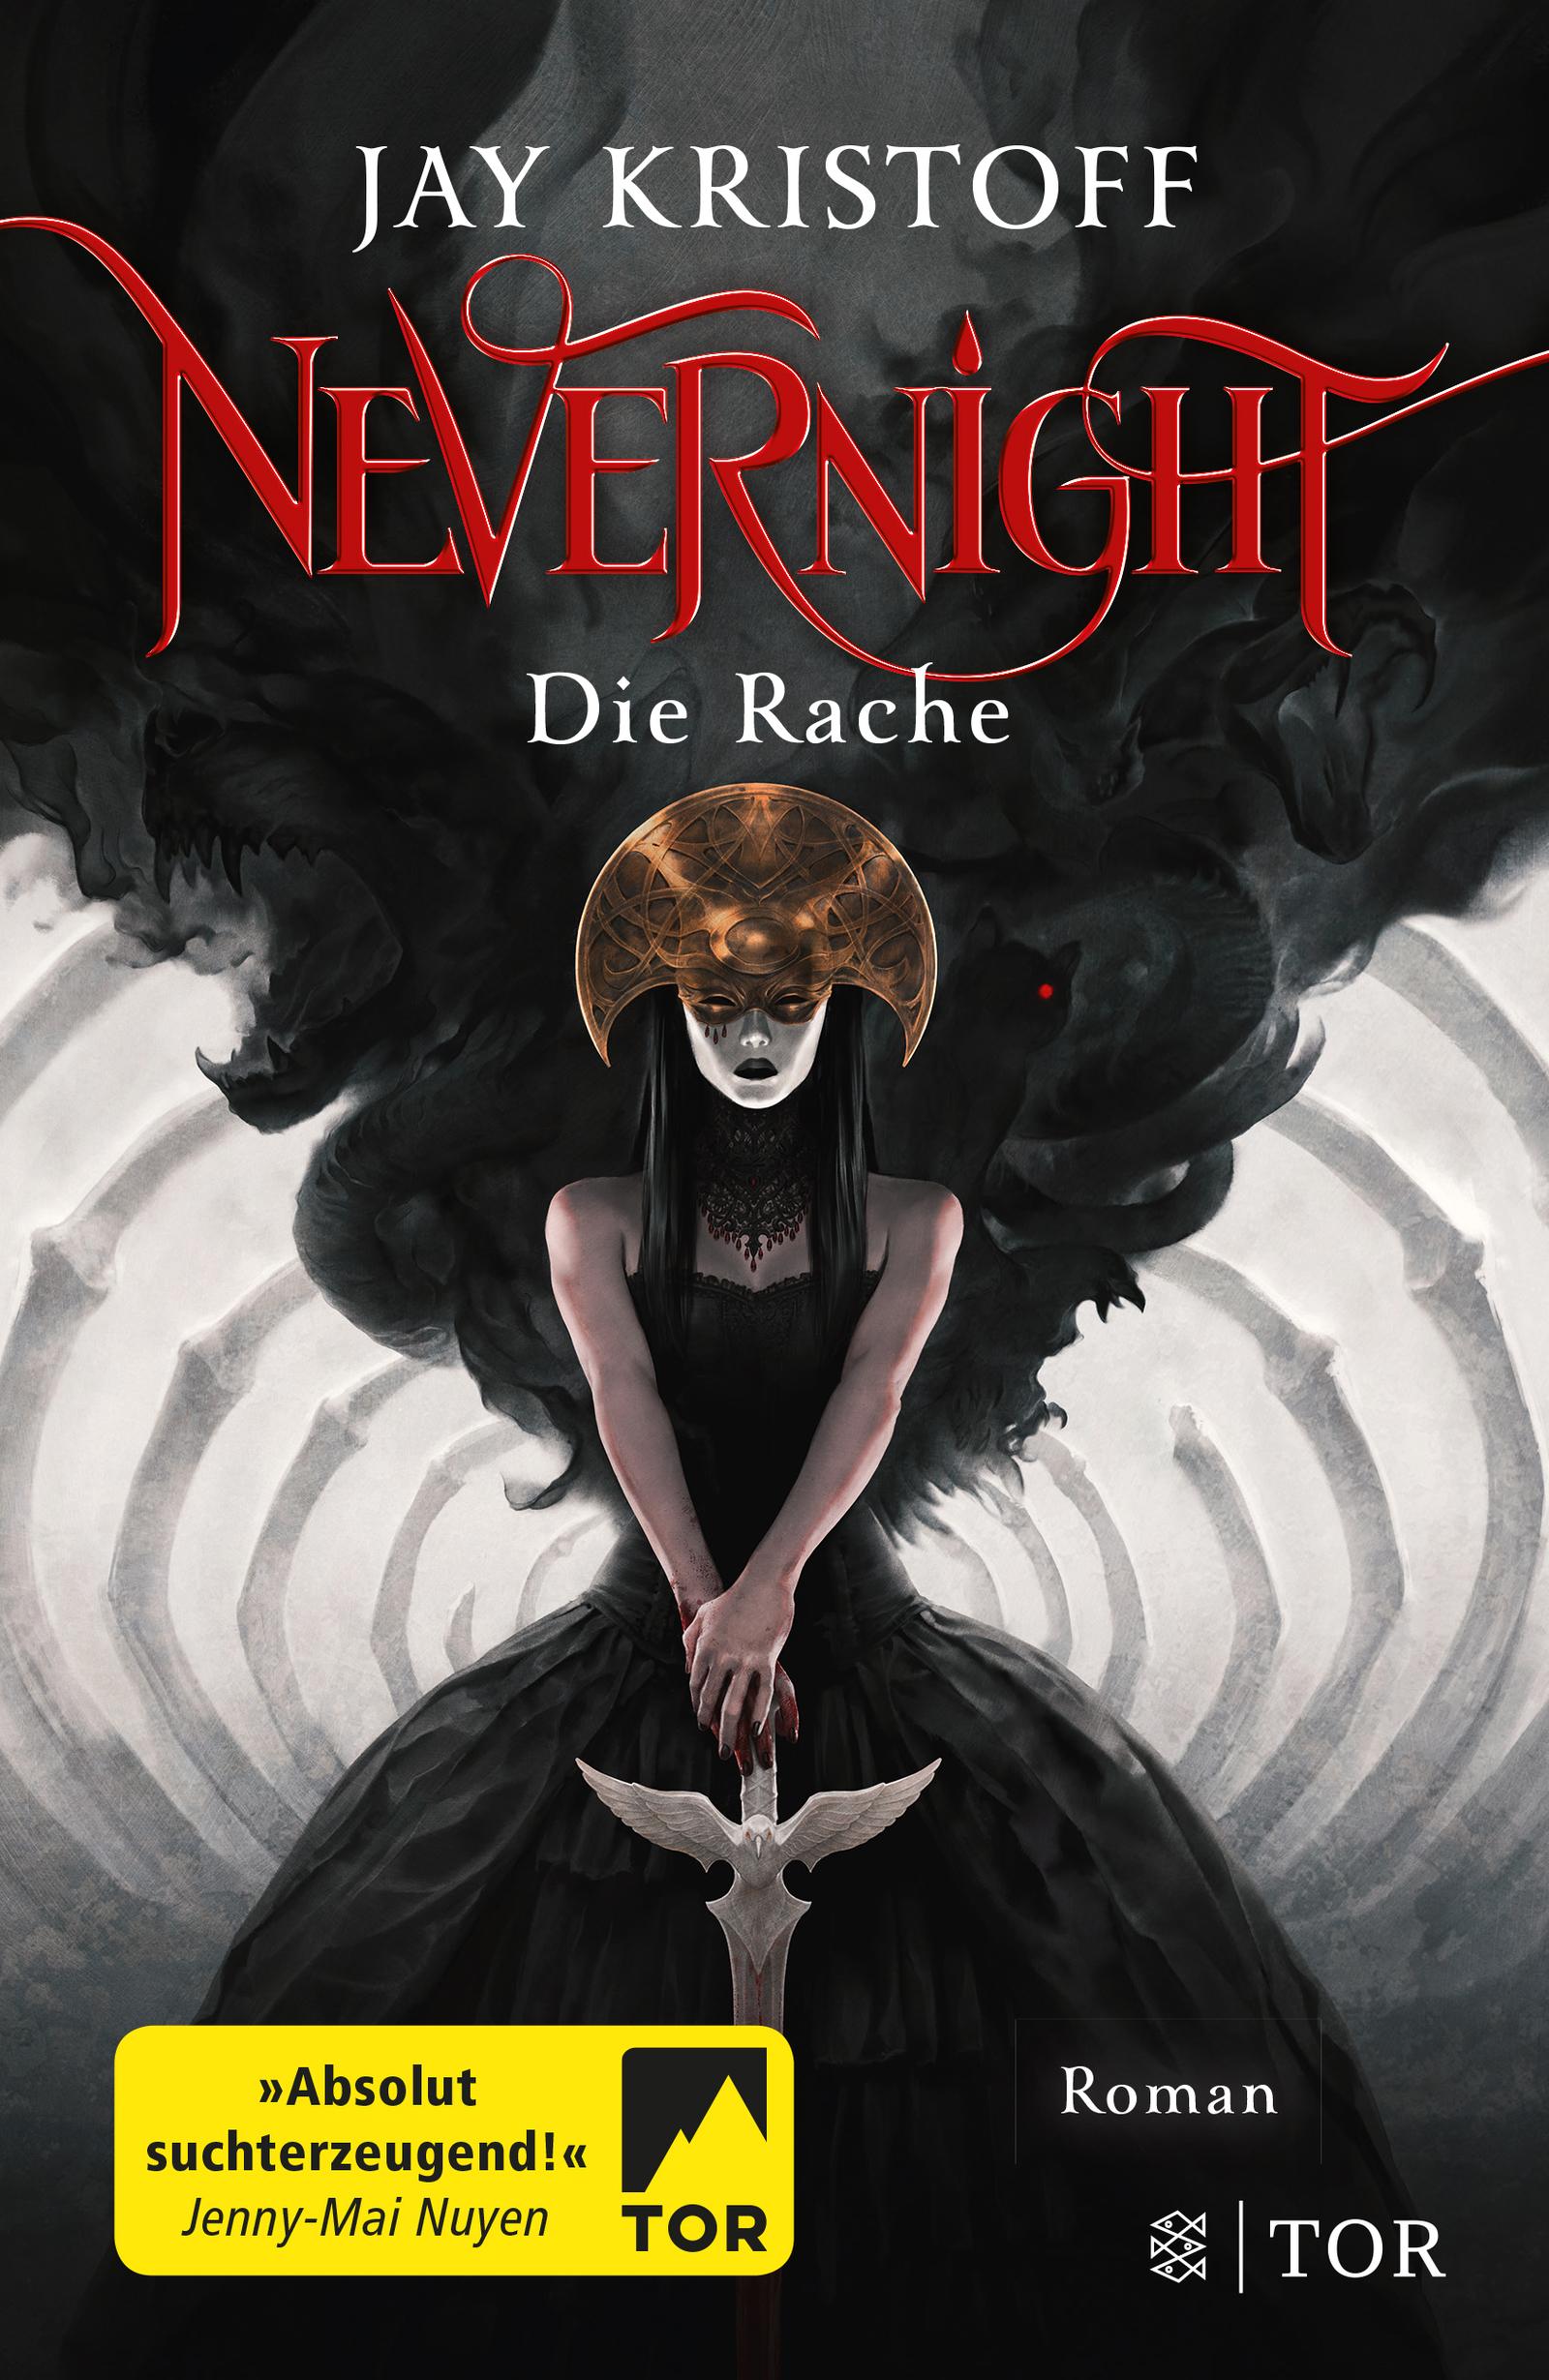 """Rezension: """"Nevernight - Die Rache"""" von Jay Kristoff, (3. Band)"""